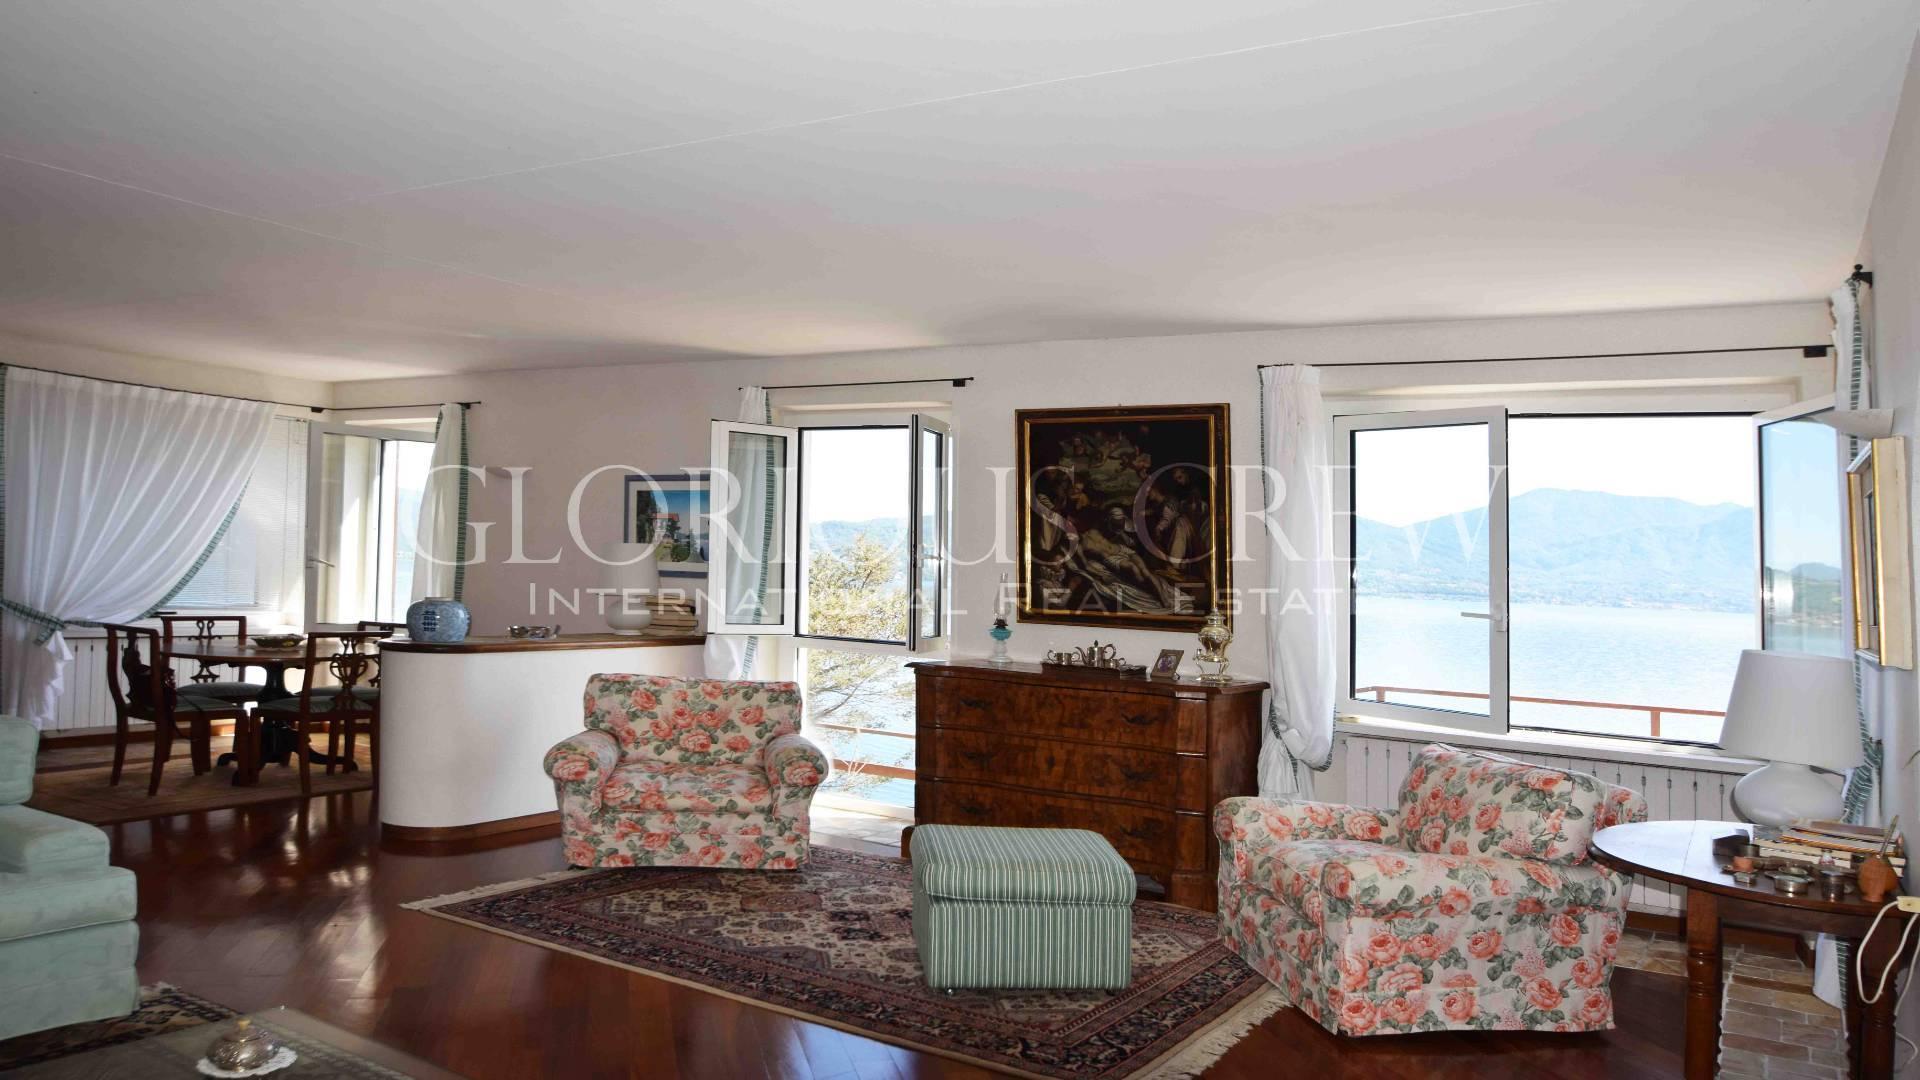 Villa in Vendita a Cannero Riviera: 5 locali, 310 mq - Foto 3